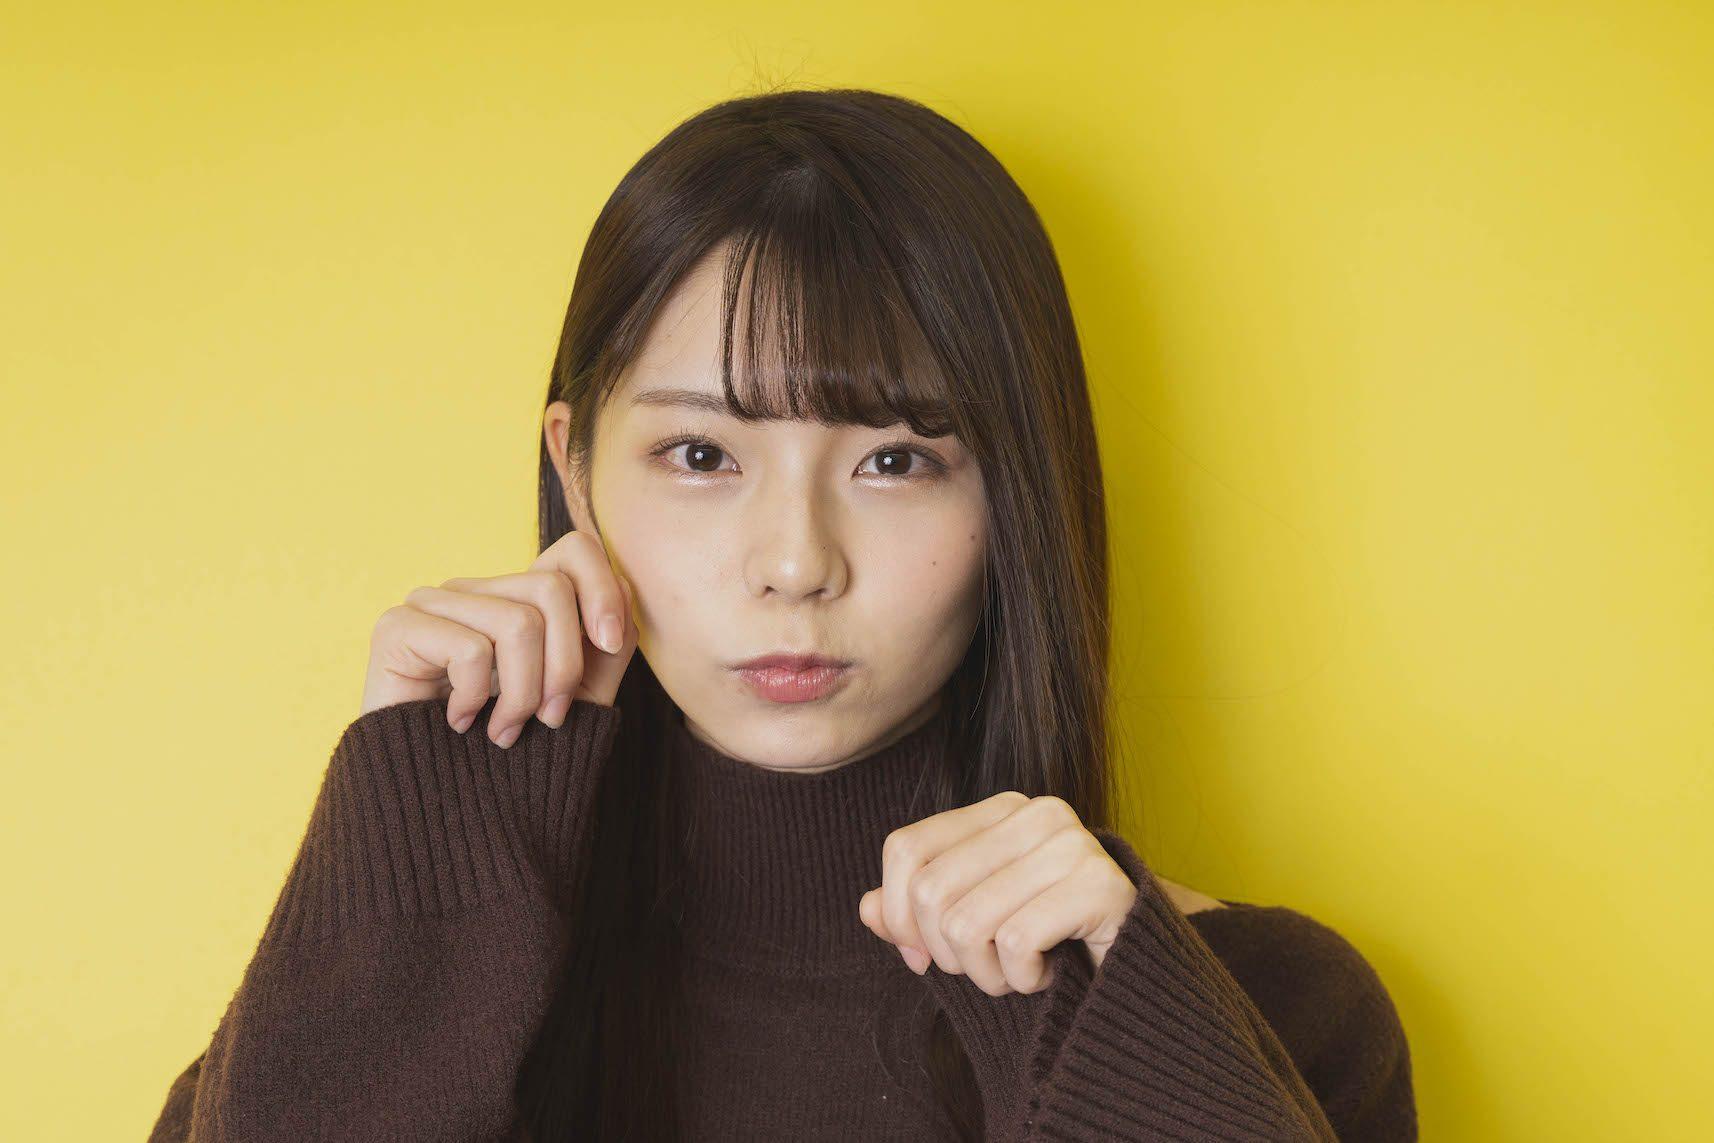 ちゃんねる ラスト アイドル 2